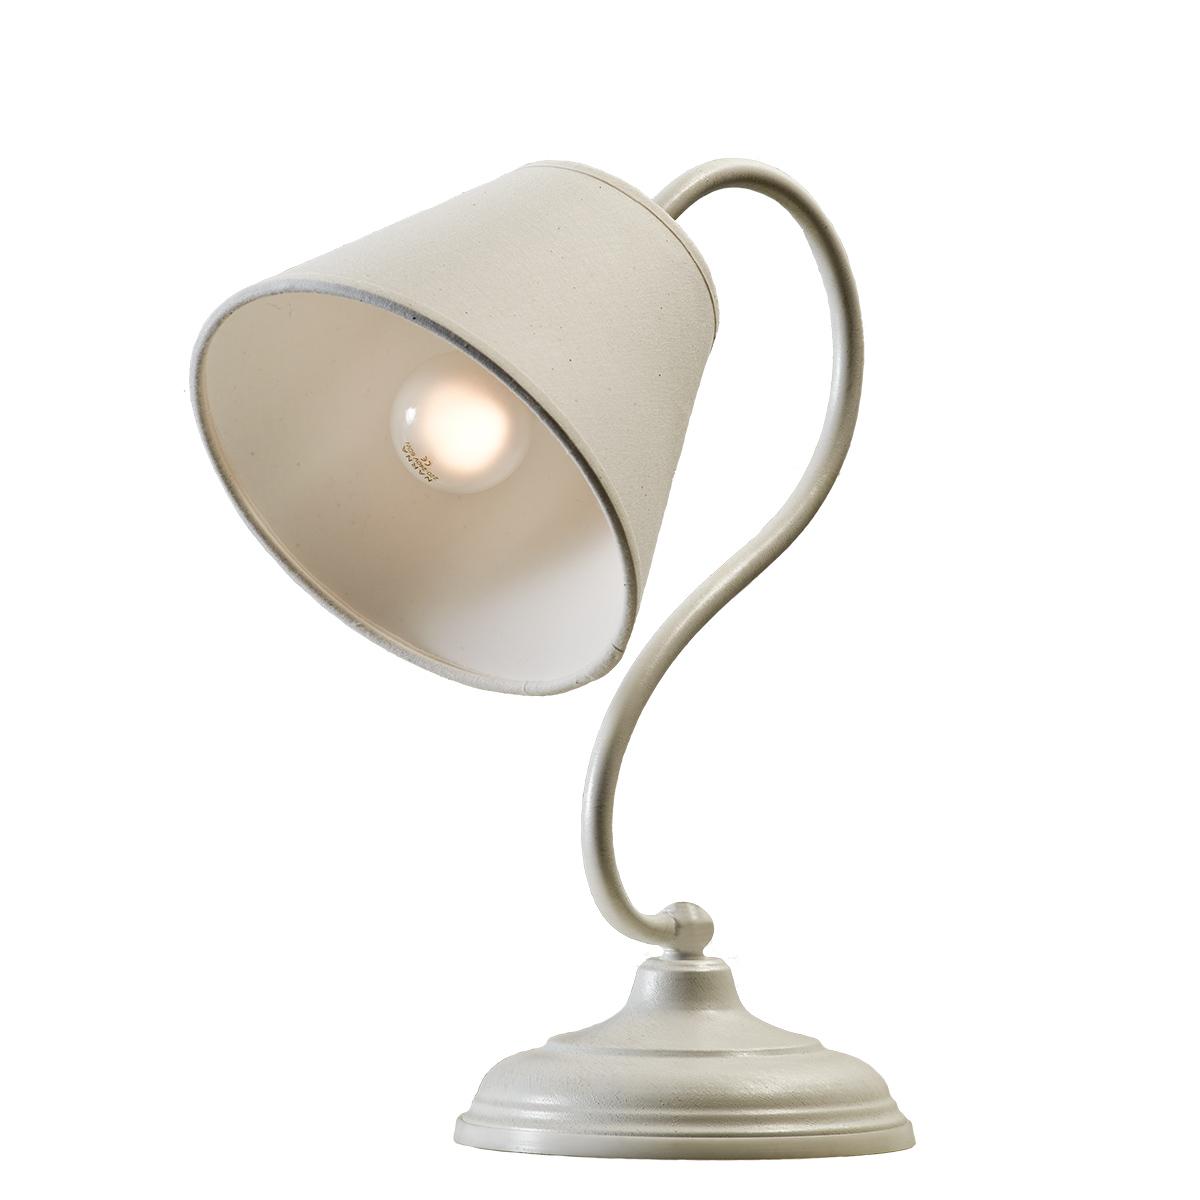 Επιτραπέζιο φωτιστικό σε λευκή πατίνα ΝΑΞΟΣ-2 white patinated table lamp